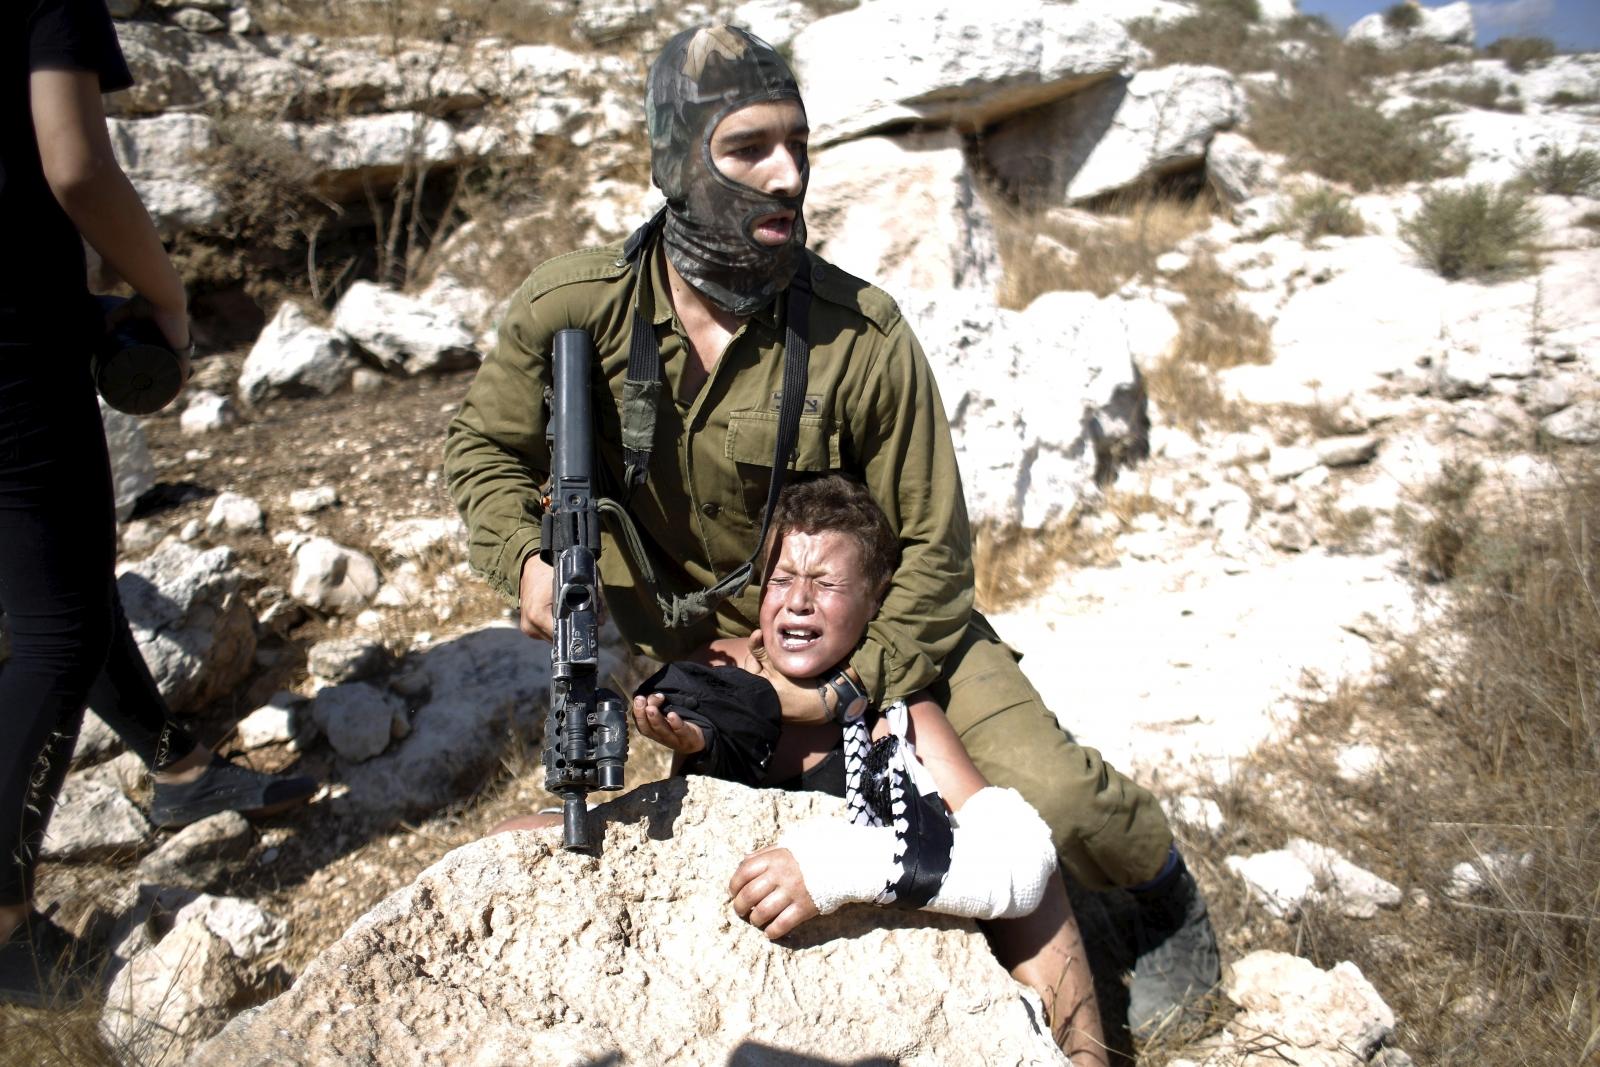 Israeli soldier Palestine boy